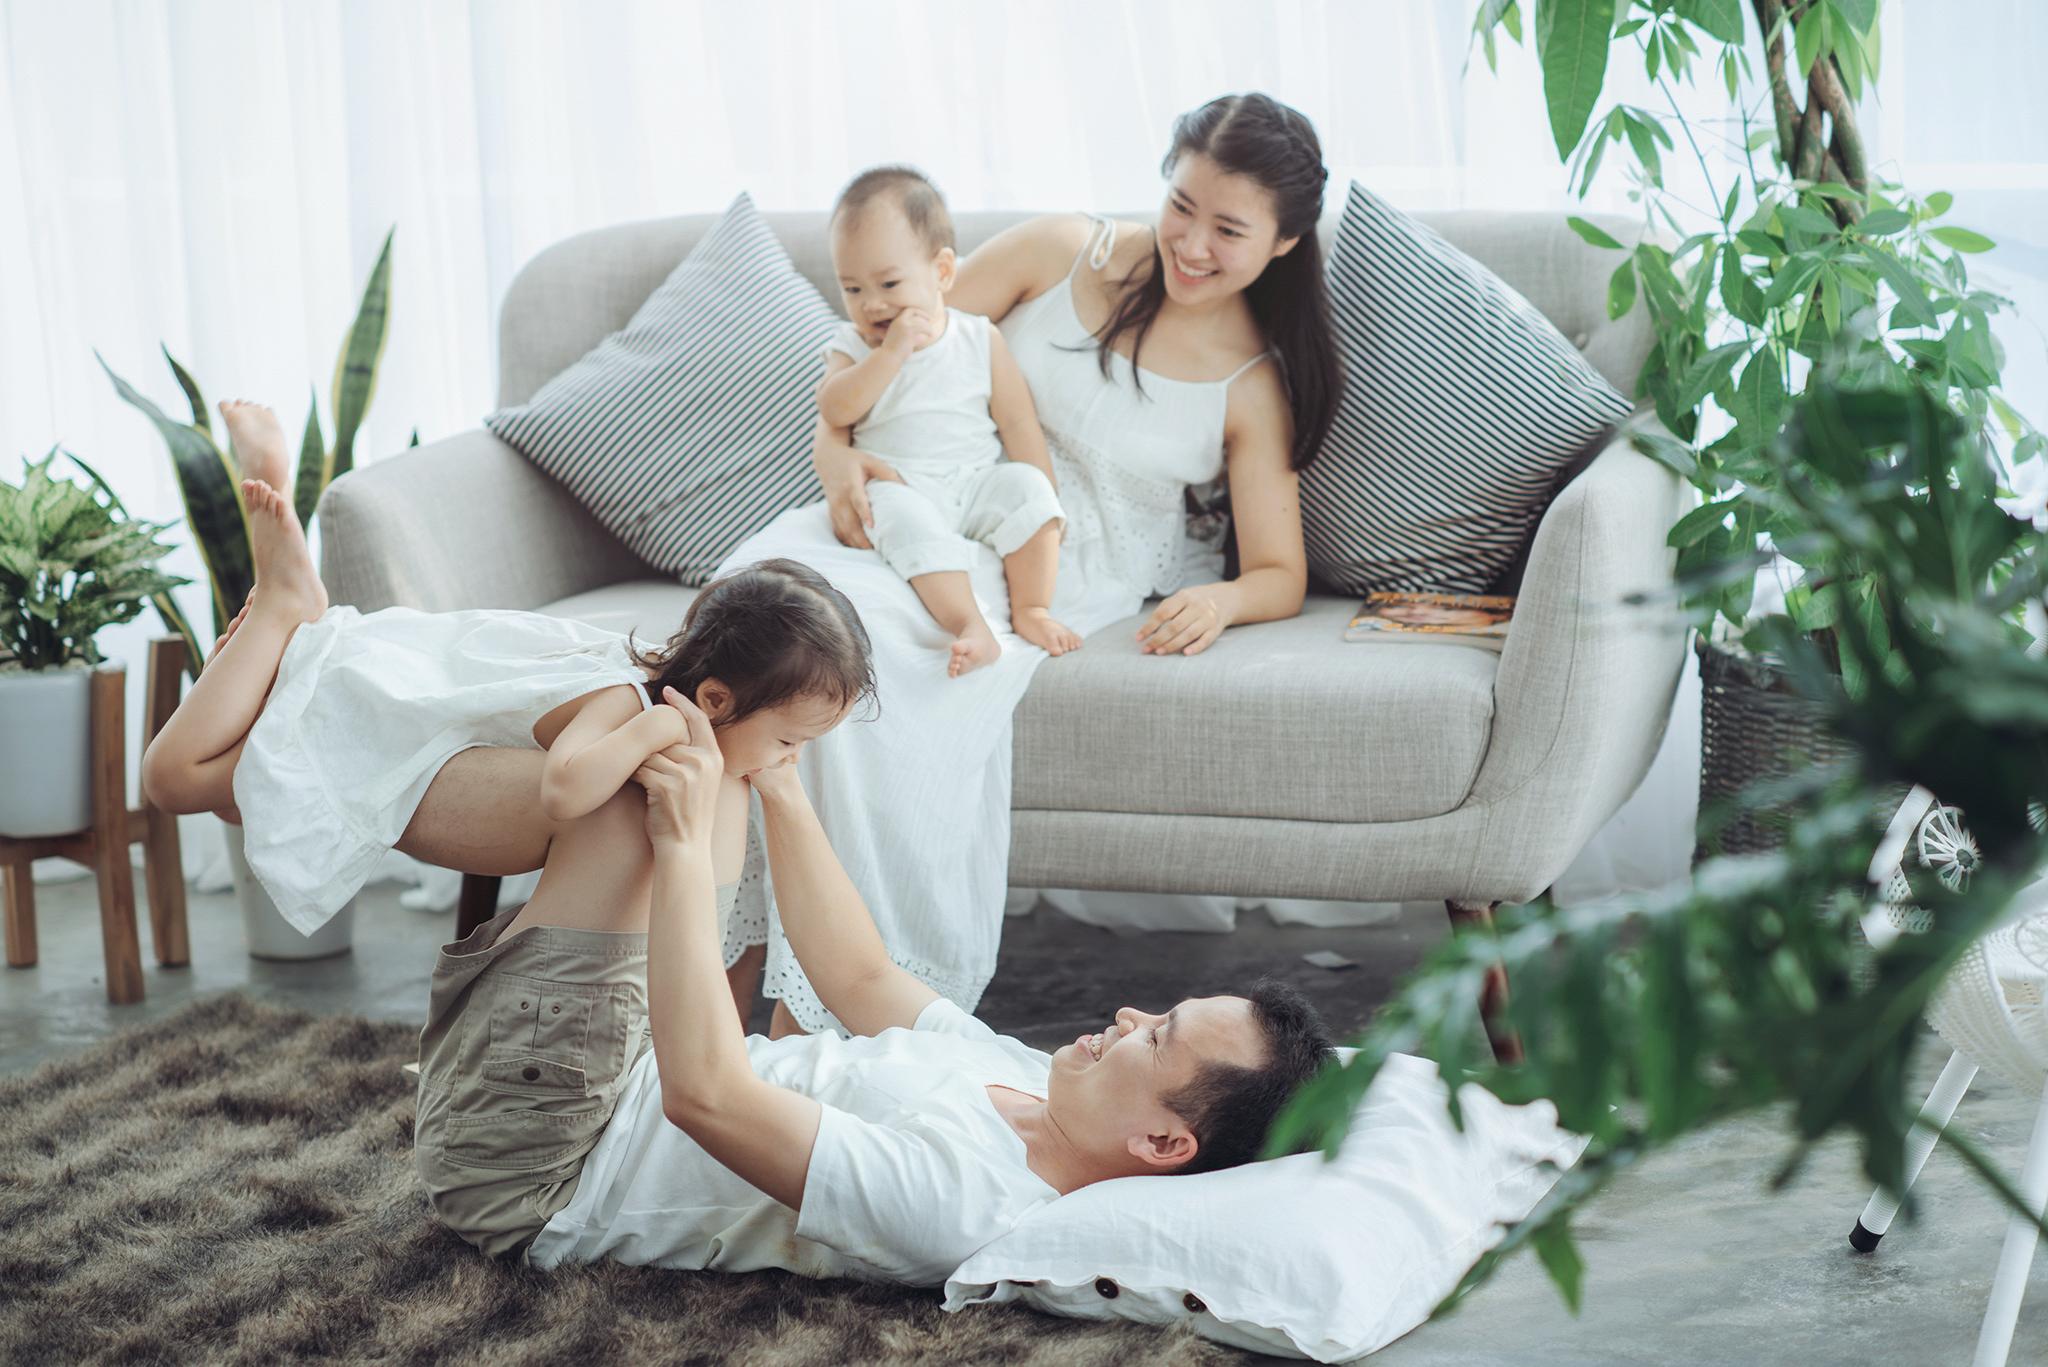 「汗かき体質は幼児期に決まる!? 下着から始める子供の汗&臭い対策」まとめ